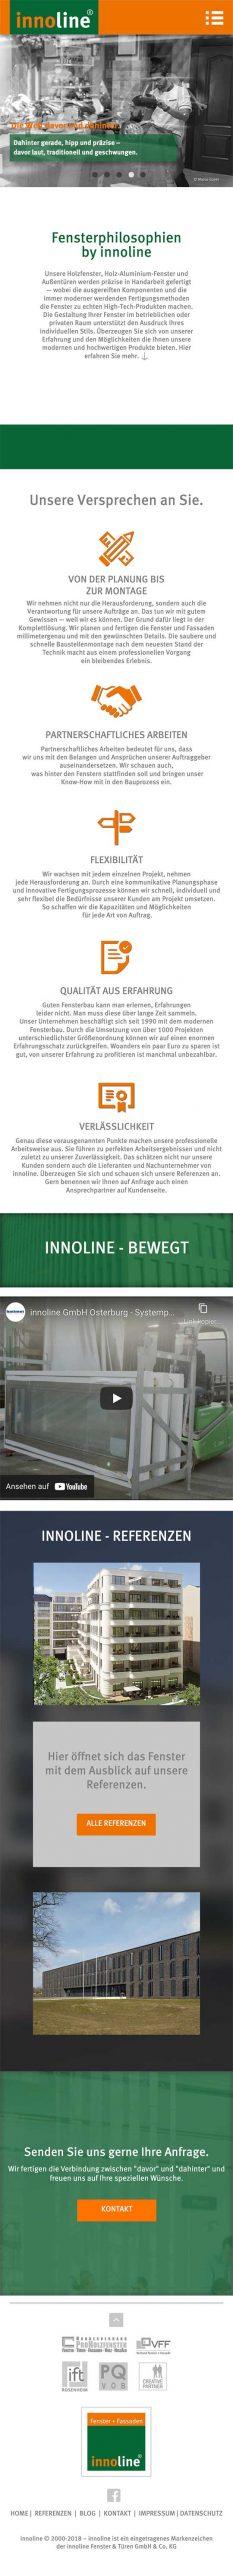 Innoline